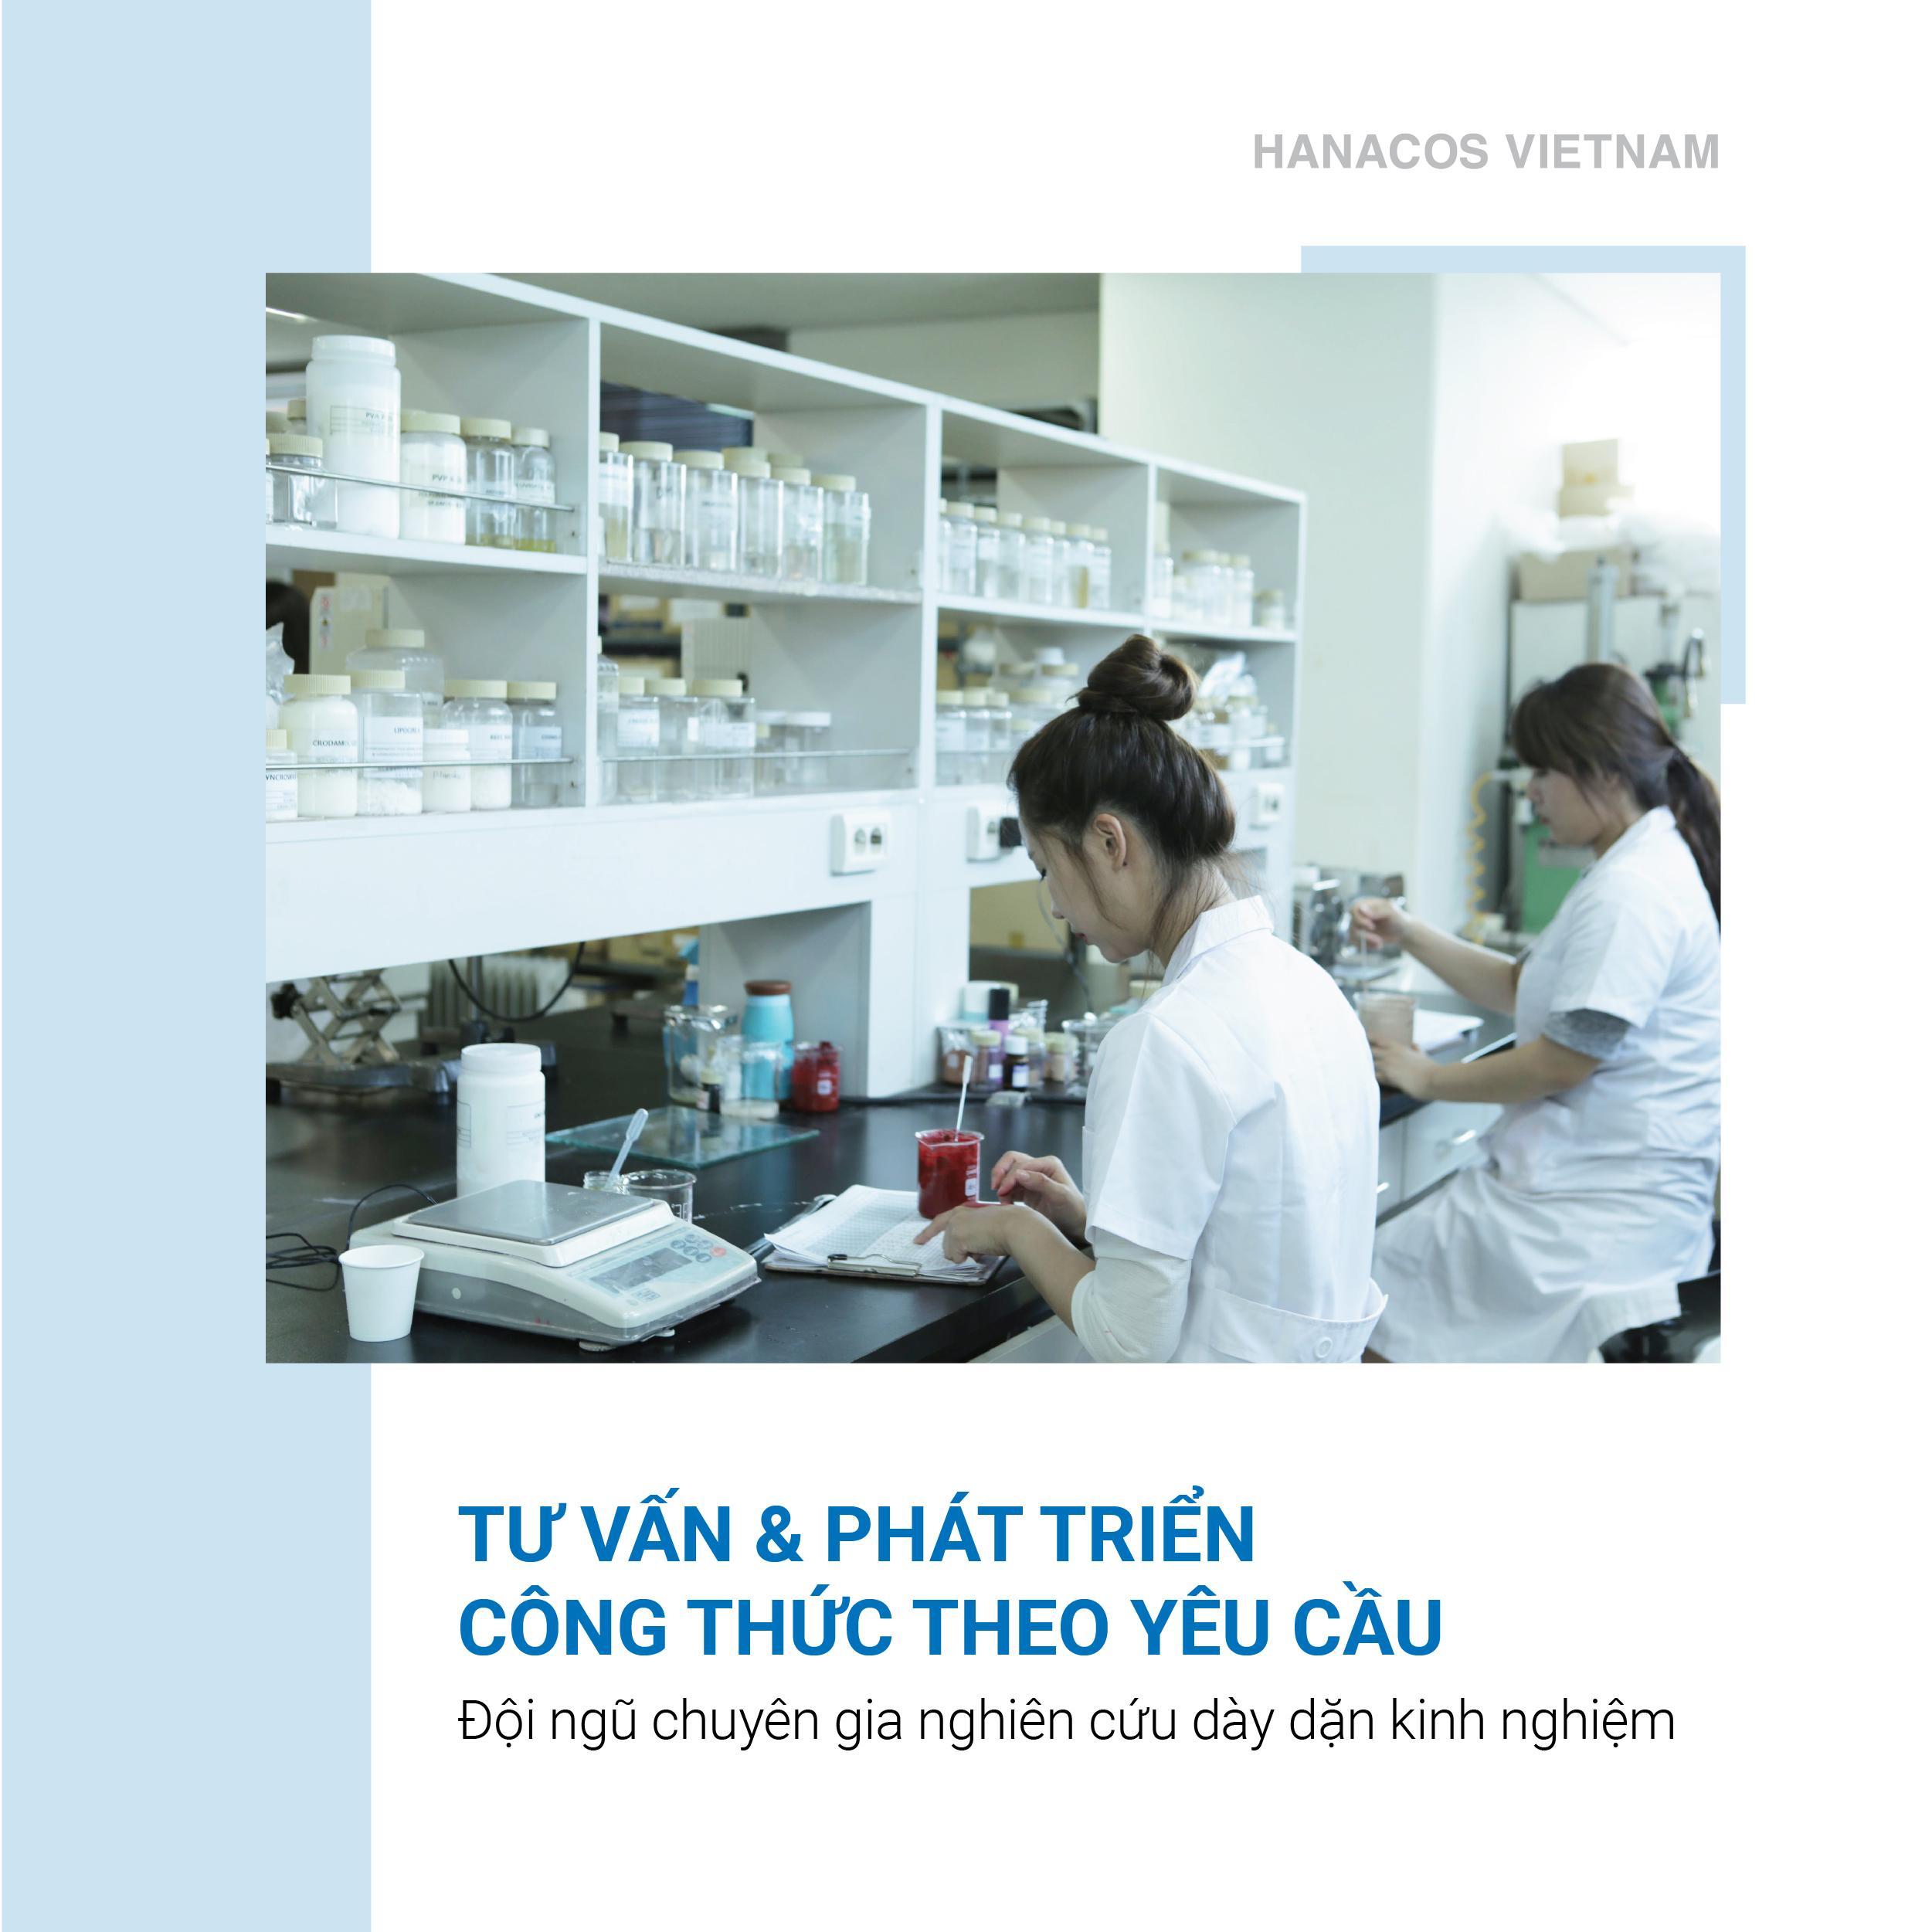 Hanacos Vietnam sở hữu công thức và chiết xuất đa dạng, cùng đội ngũ R&D dày kinh nghiệm